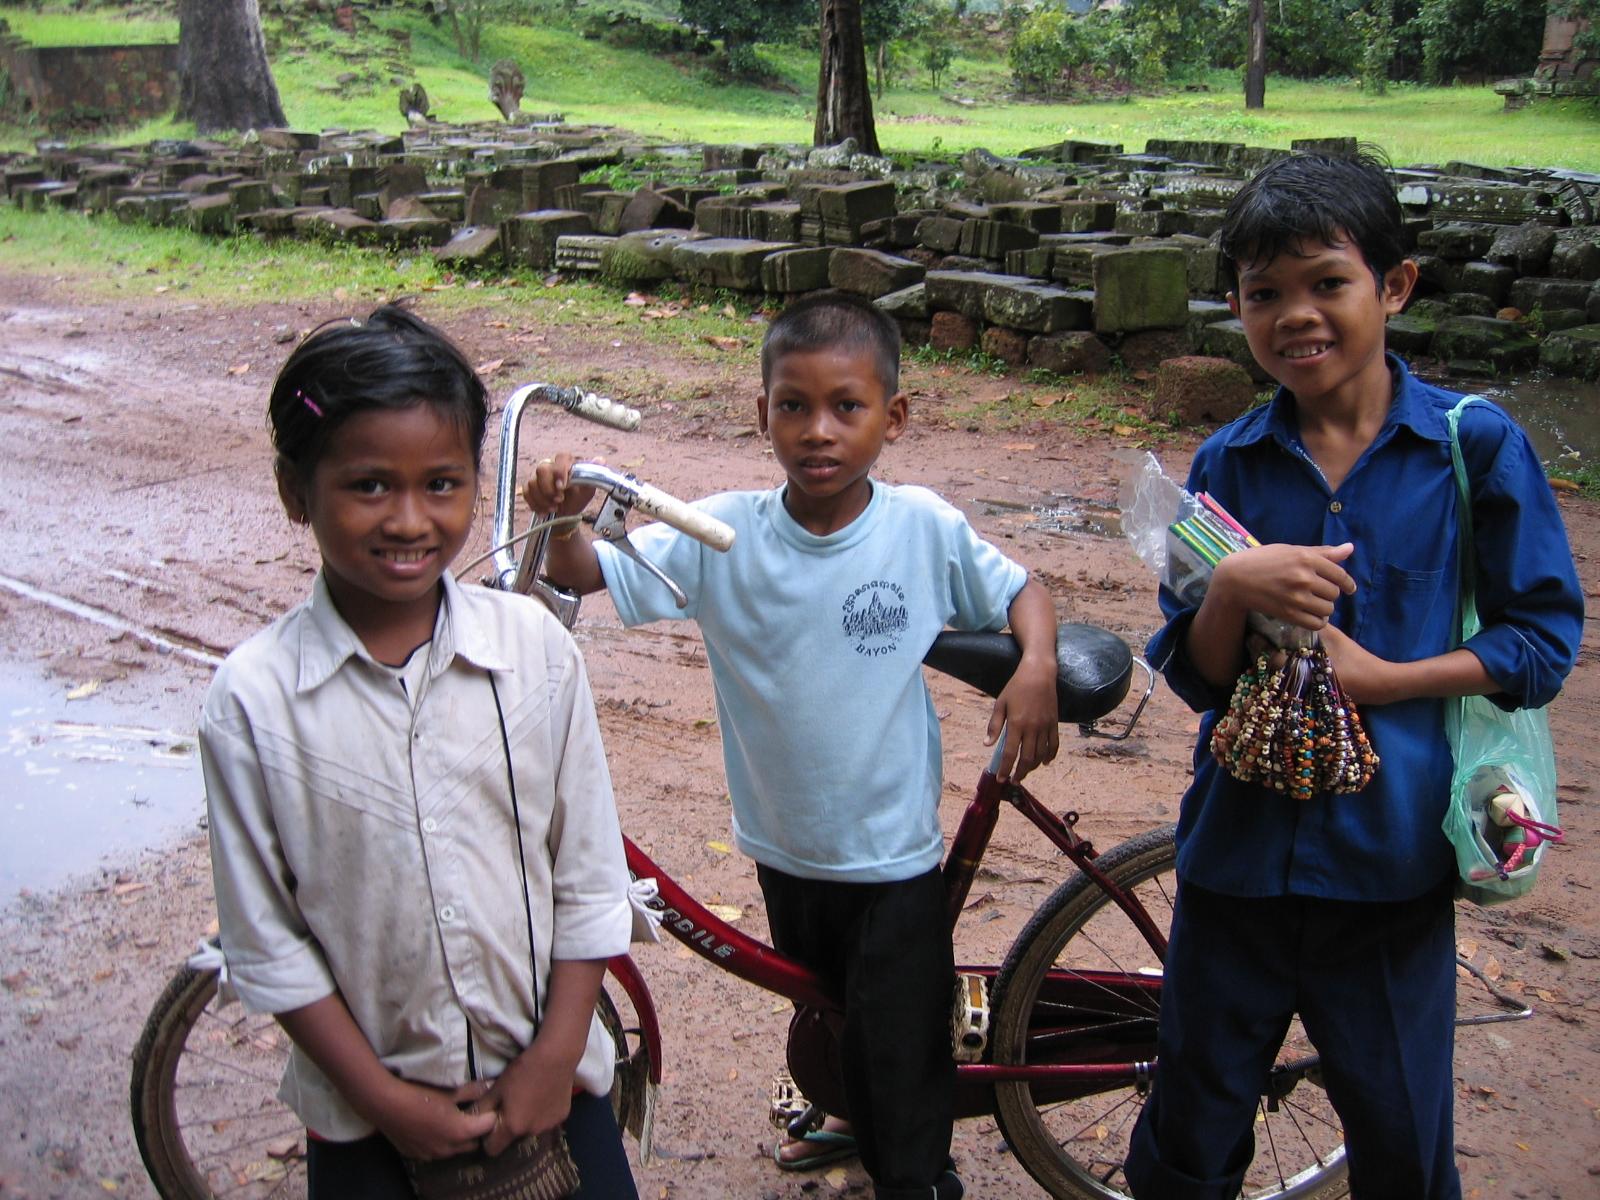 土産物を売る子どもたち(カンボジア)